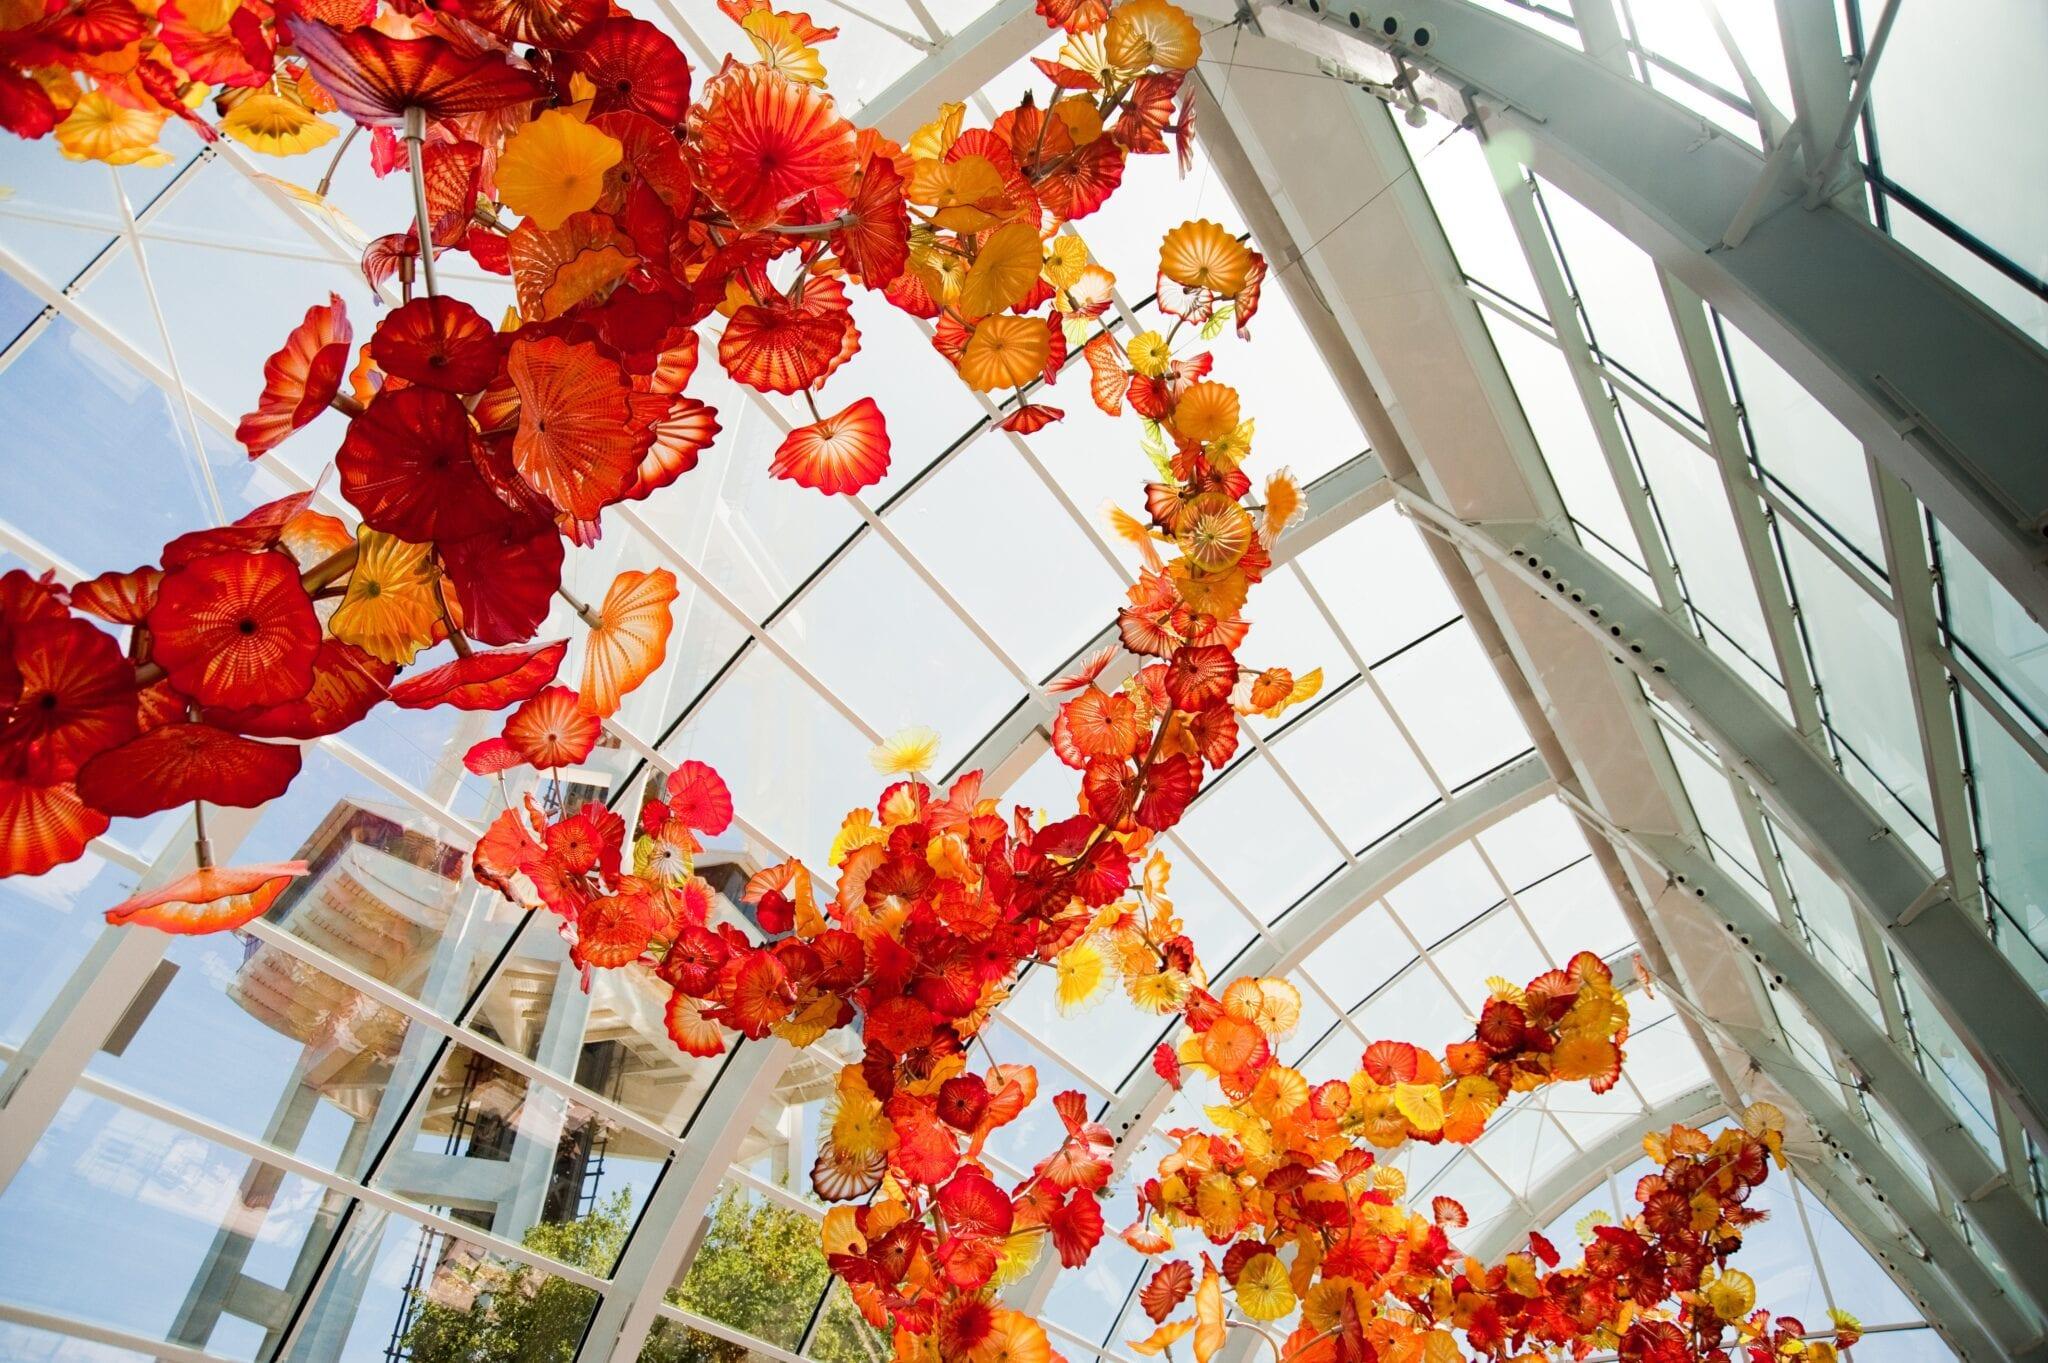 Seattle indoor attractions